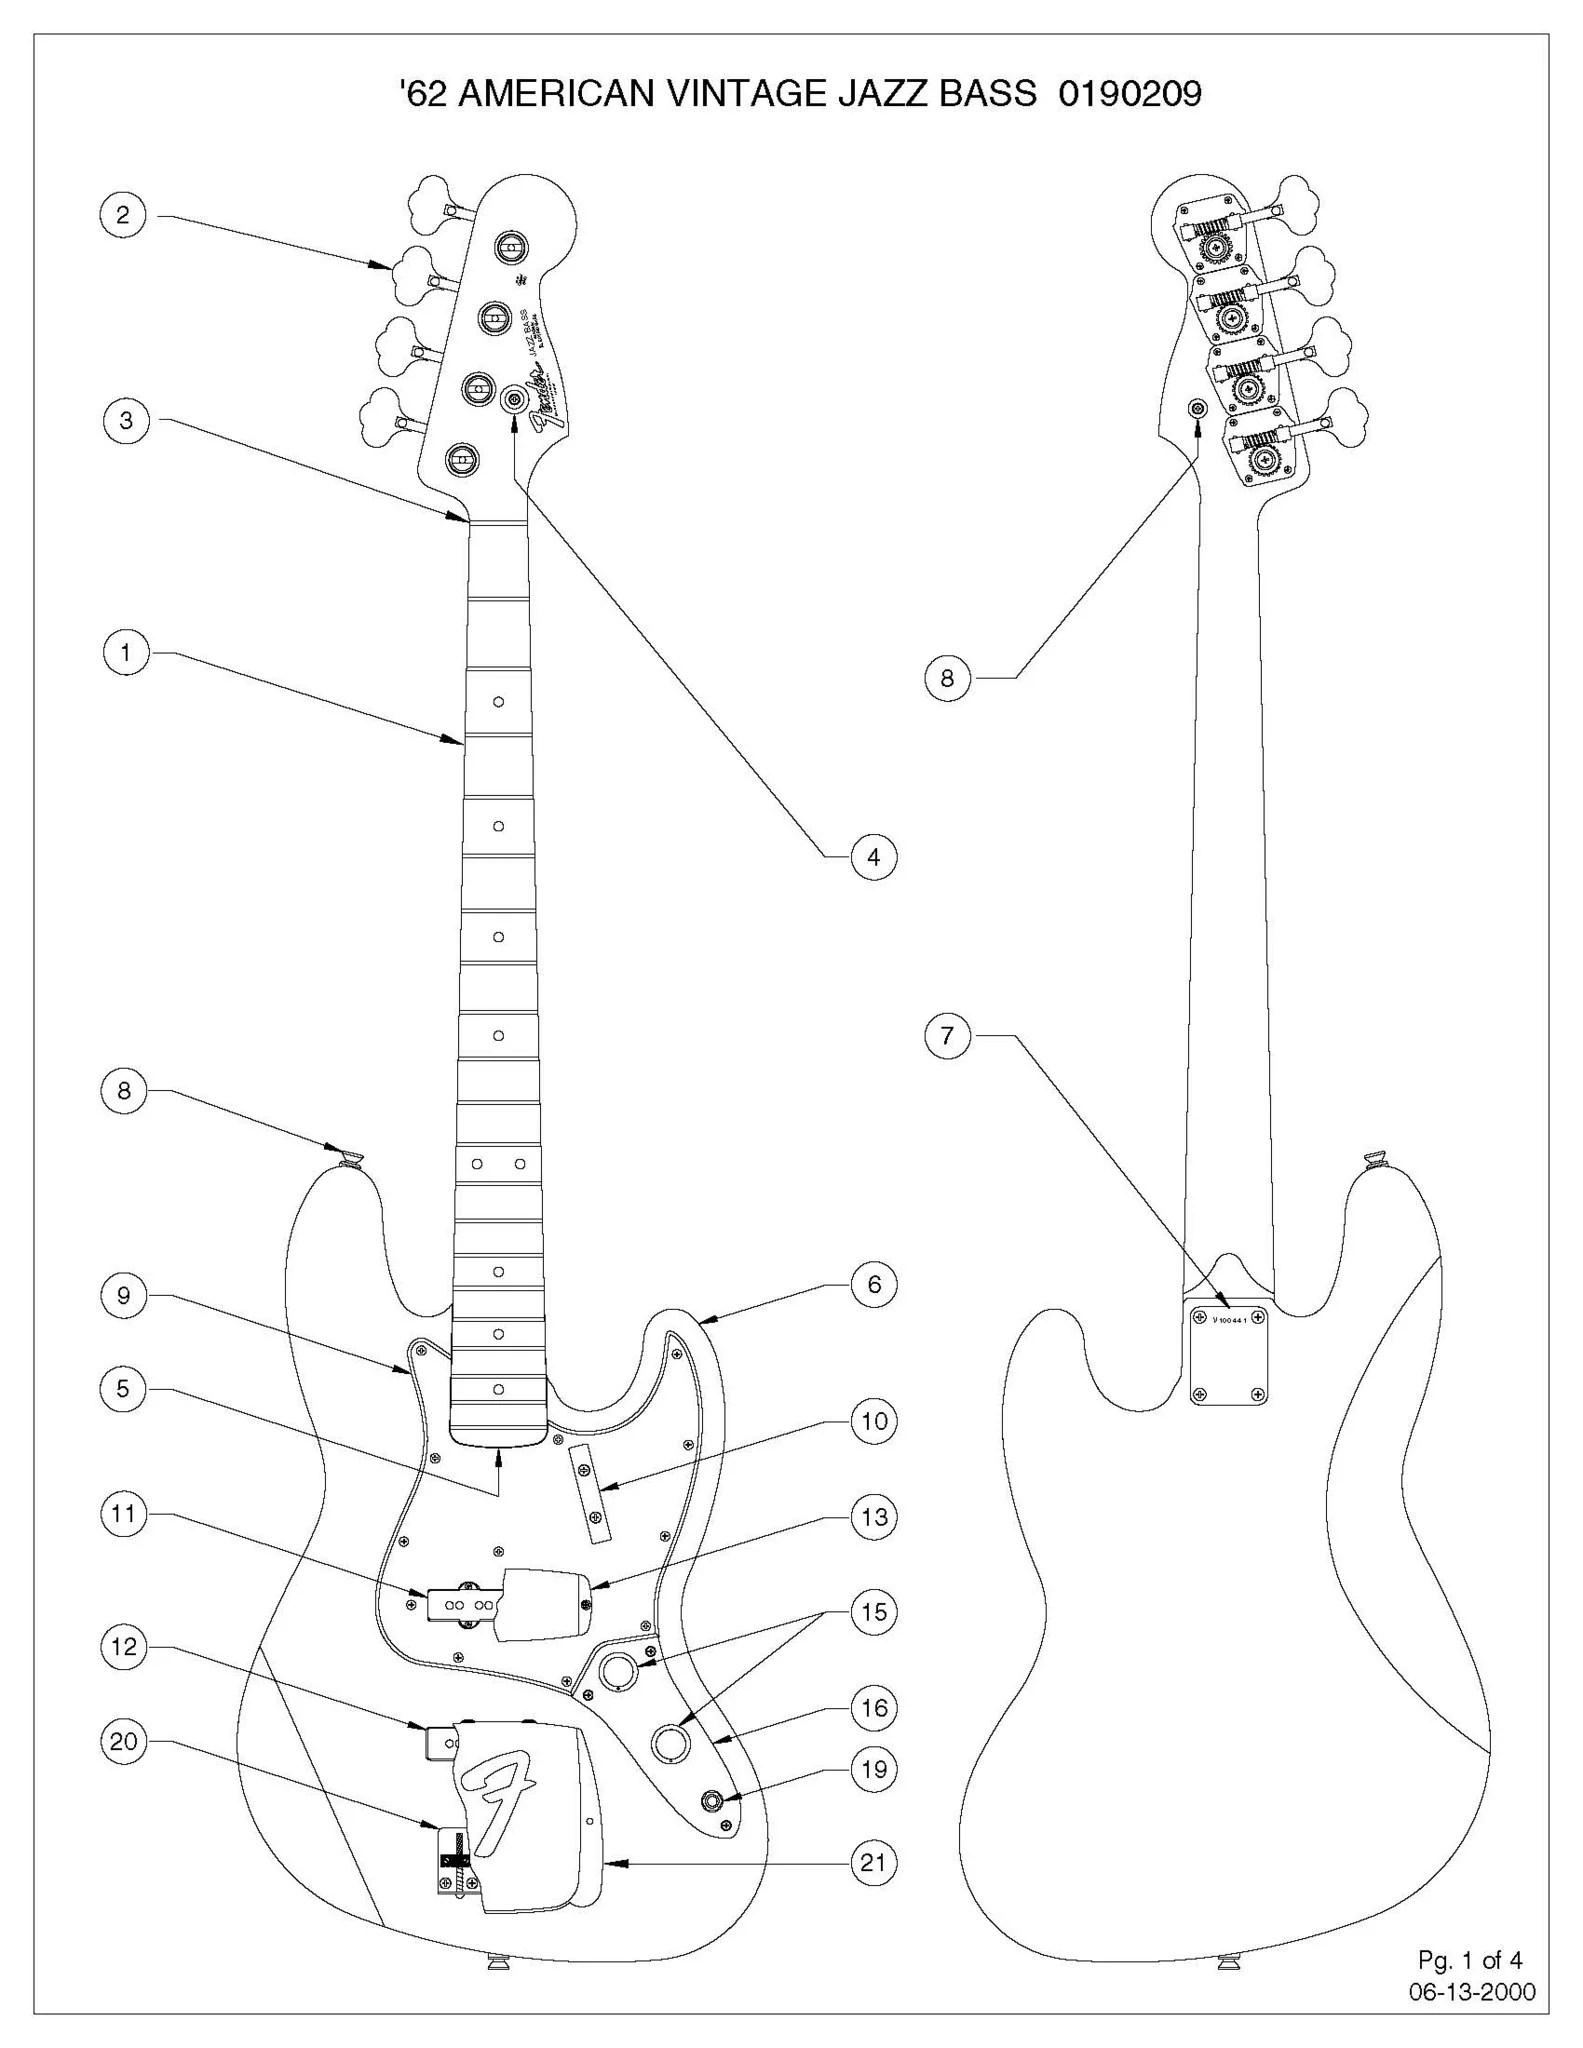 62 jazz bass wiring diagram diagrams jazz bass concentric u2013 sigler music design [ 1583 x 2048 Pixel ]